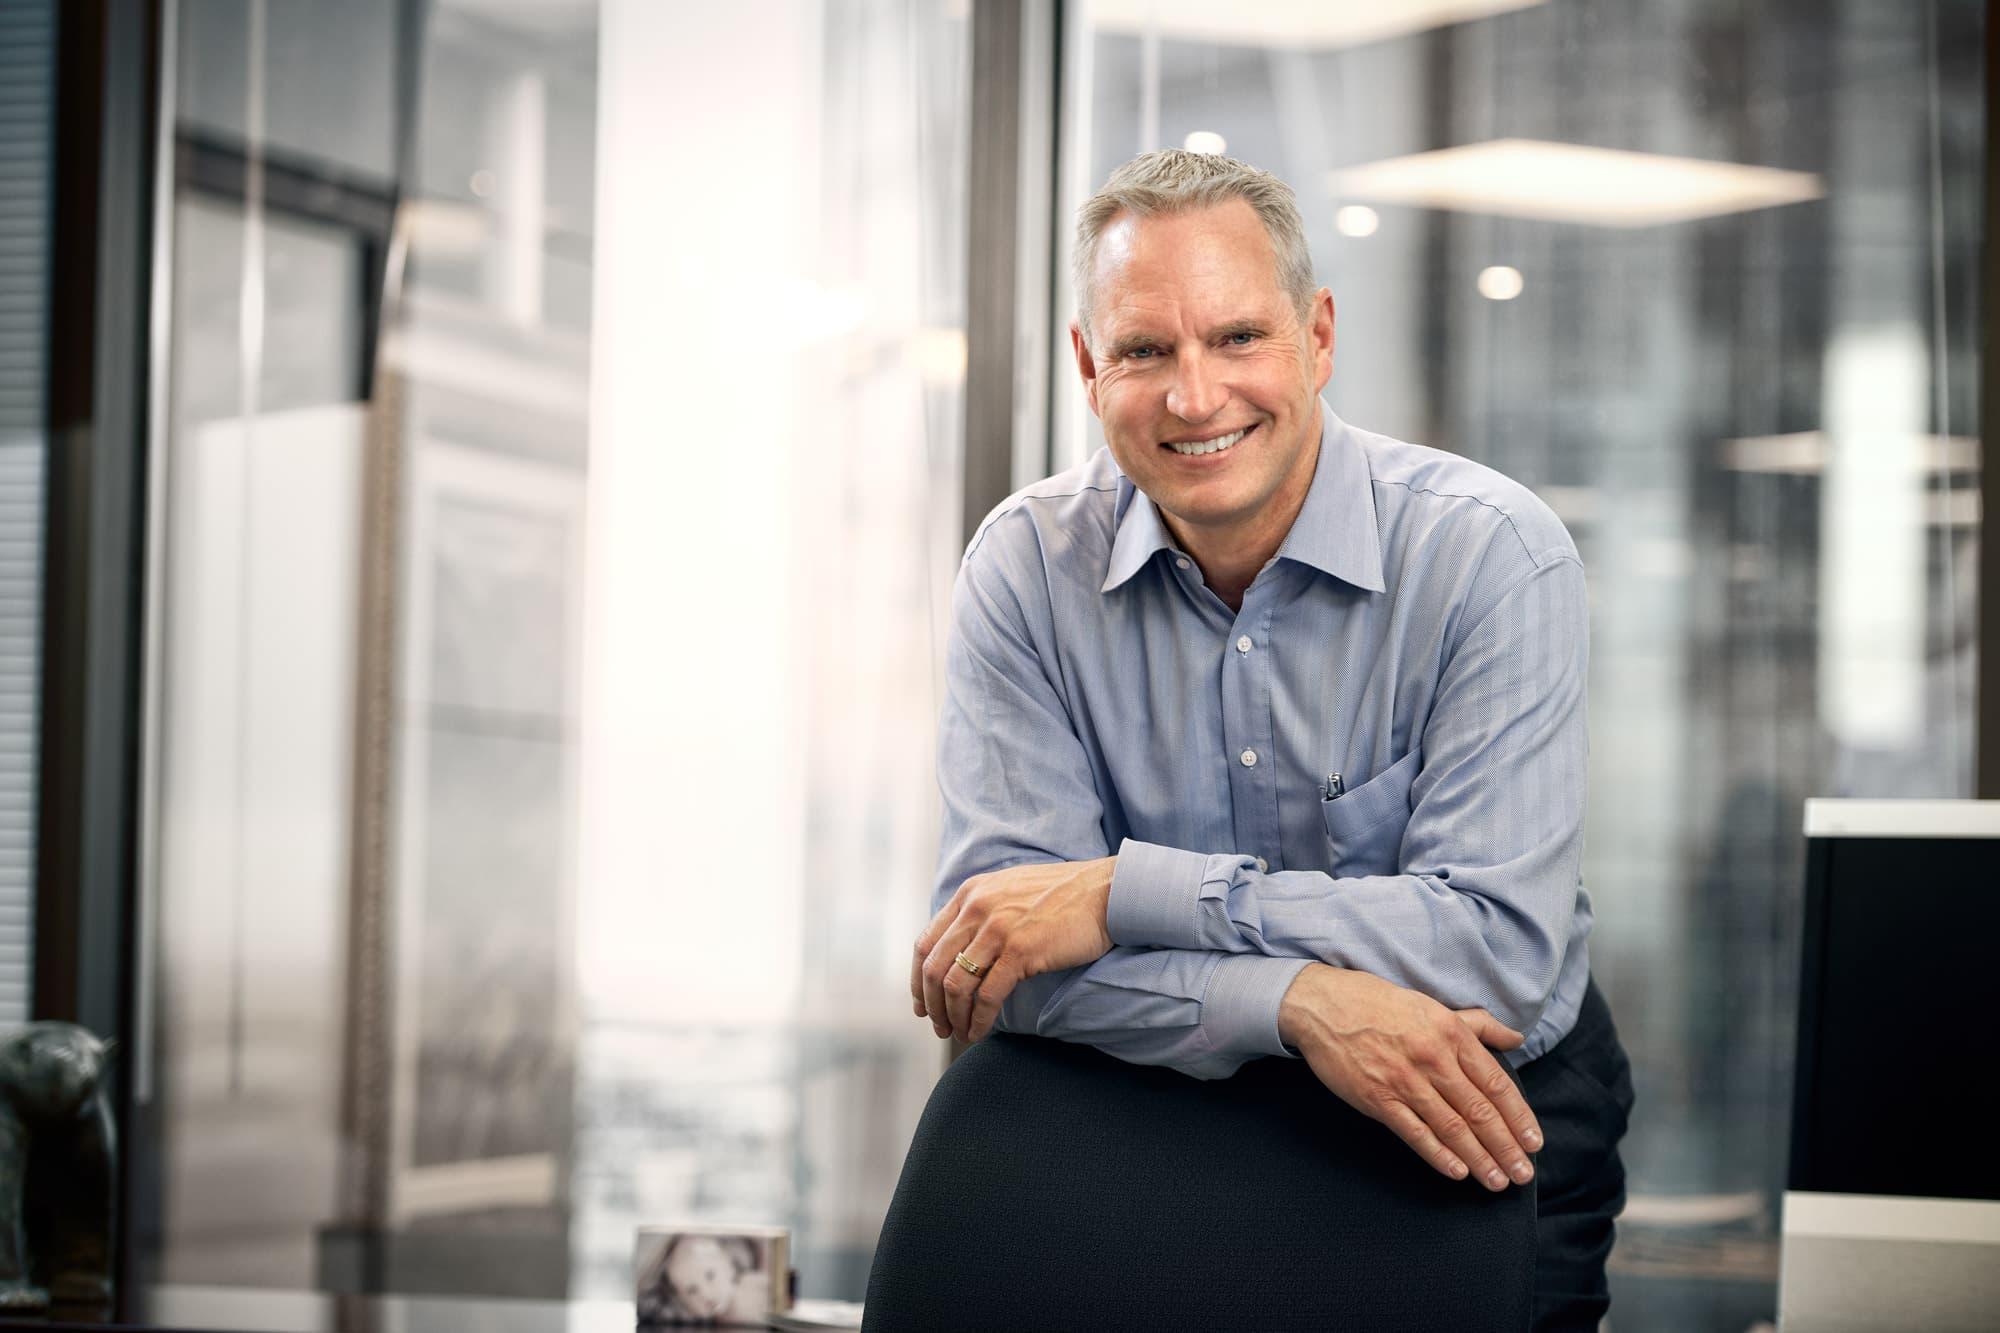 Mark Little; équipe de leadership de la haute direction (ÉLHD); chef de la direction